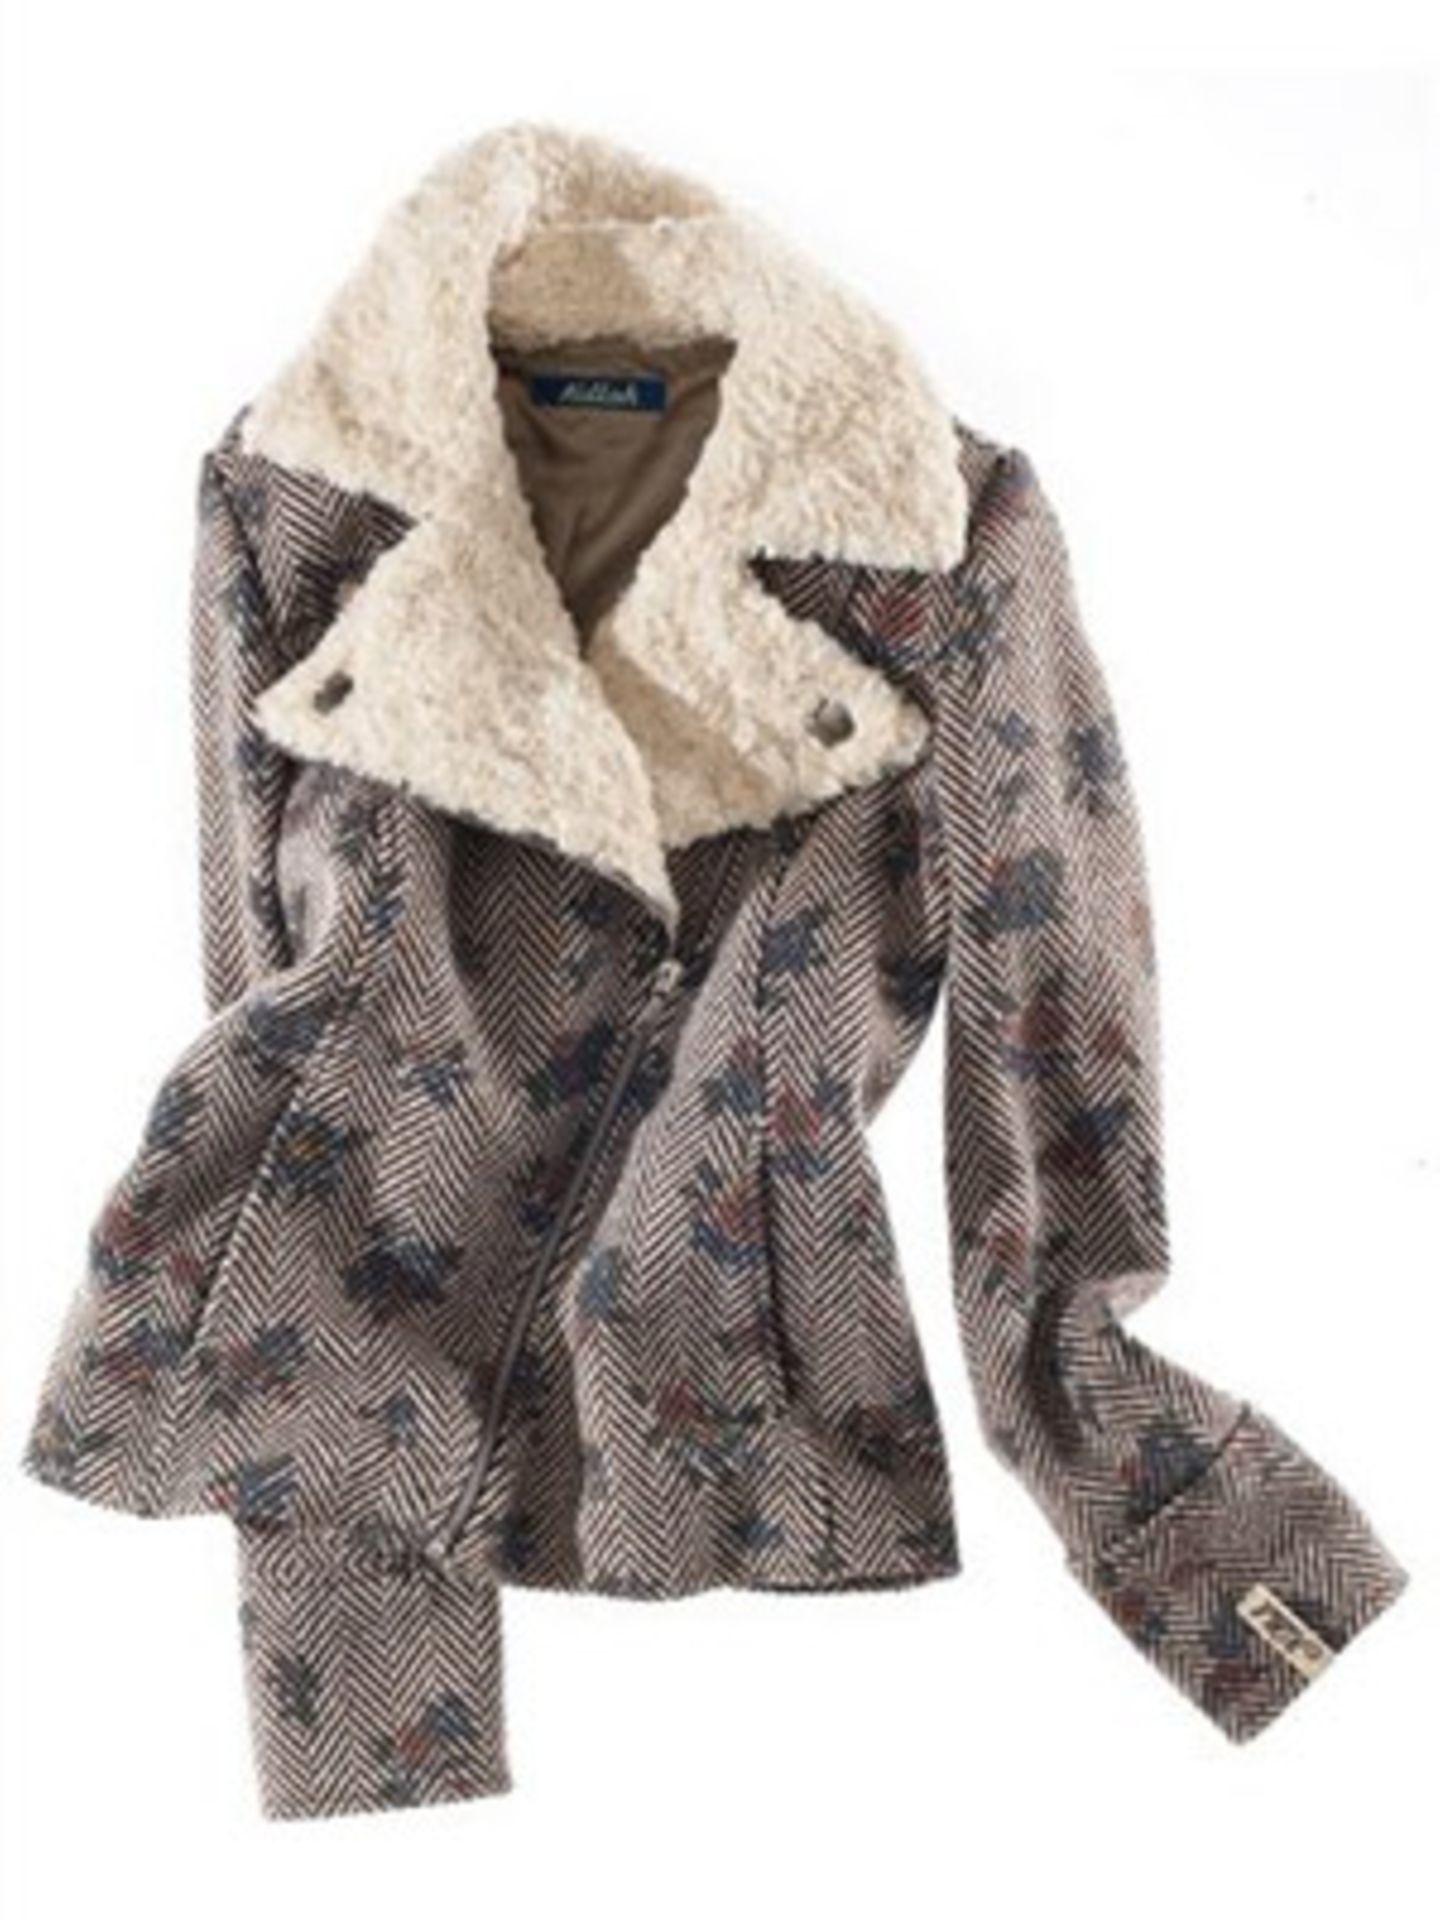 Asymmetrisch geschnittene Jacke mit Musterung und breitem Fellkragen von Killah, um 200 Euro. Über www.brandneu.de.